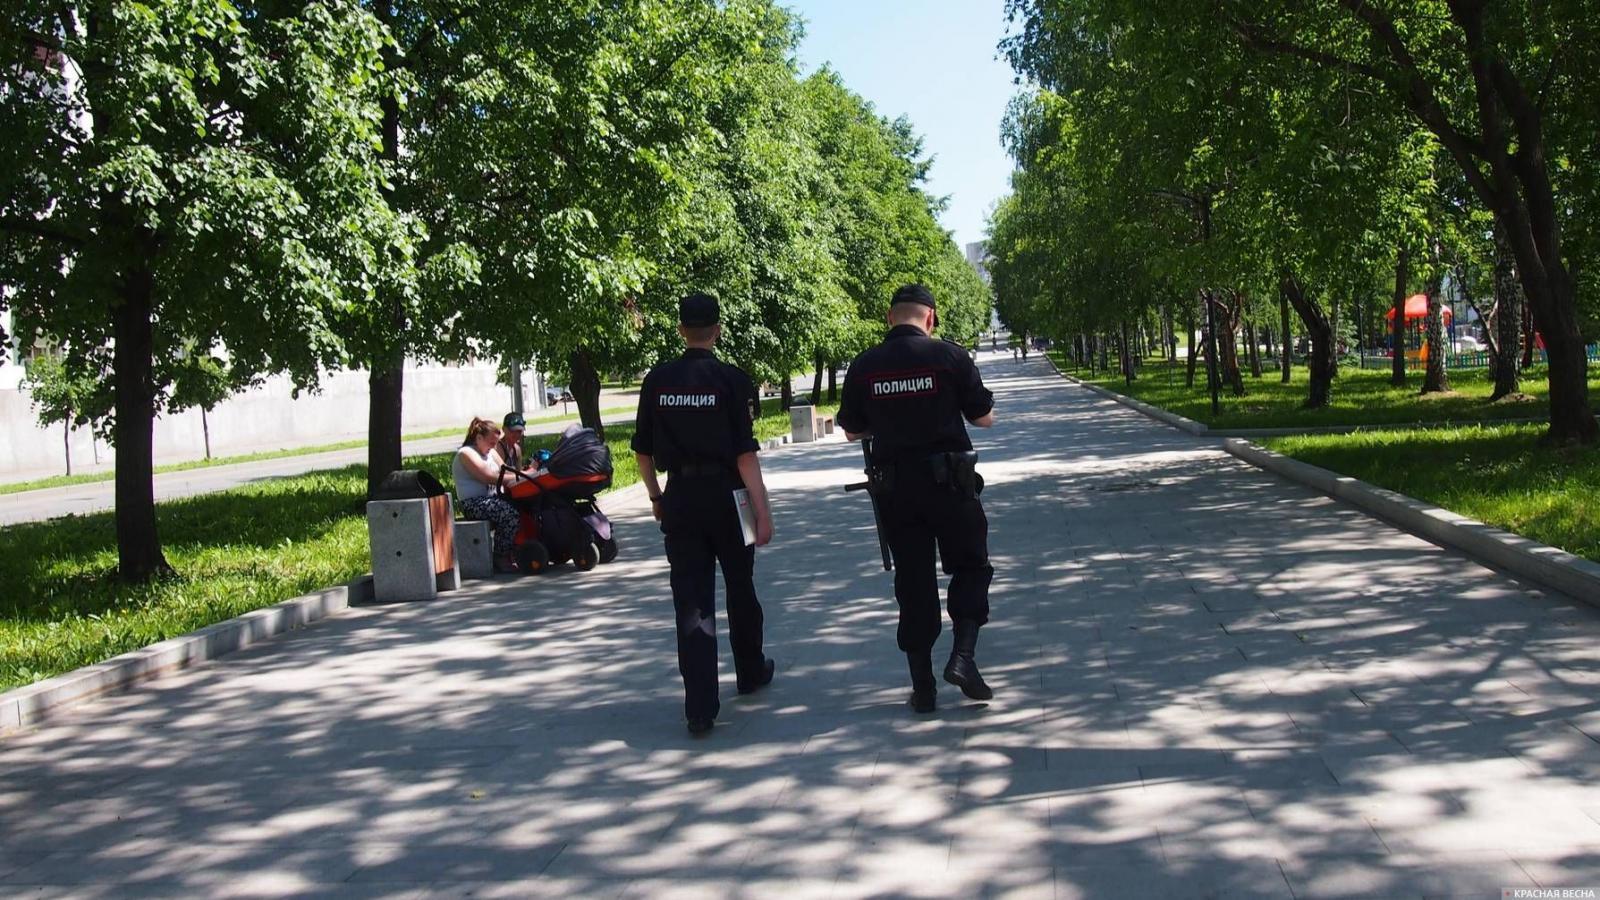 В День знаний в Брянской области несовершеннолетние совершили 50 правонарушений